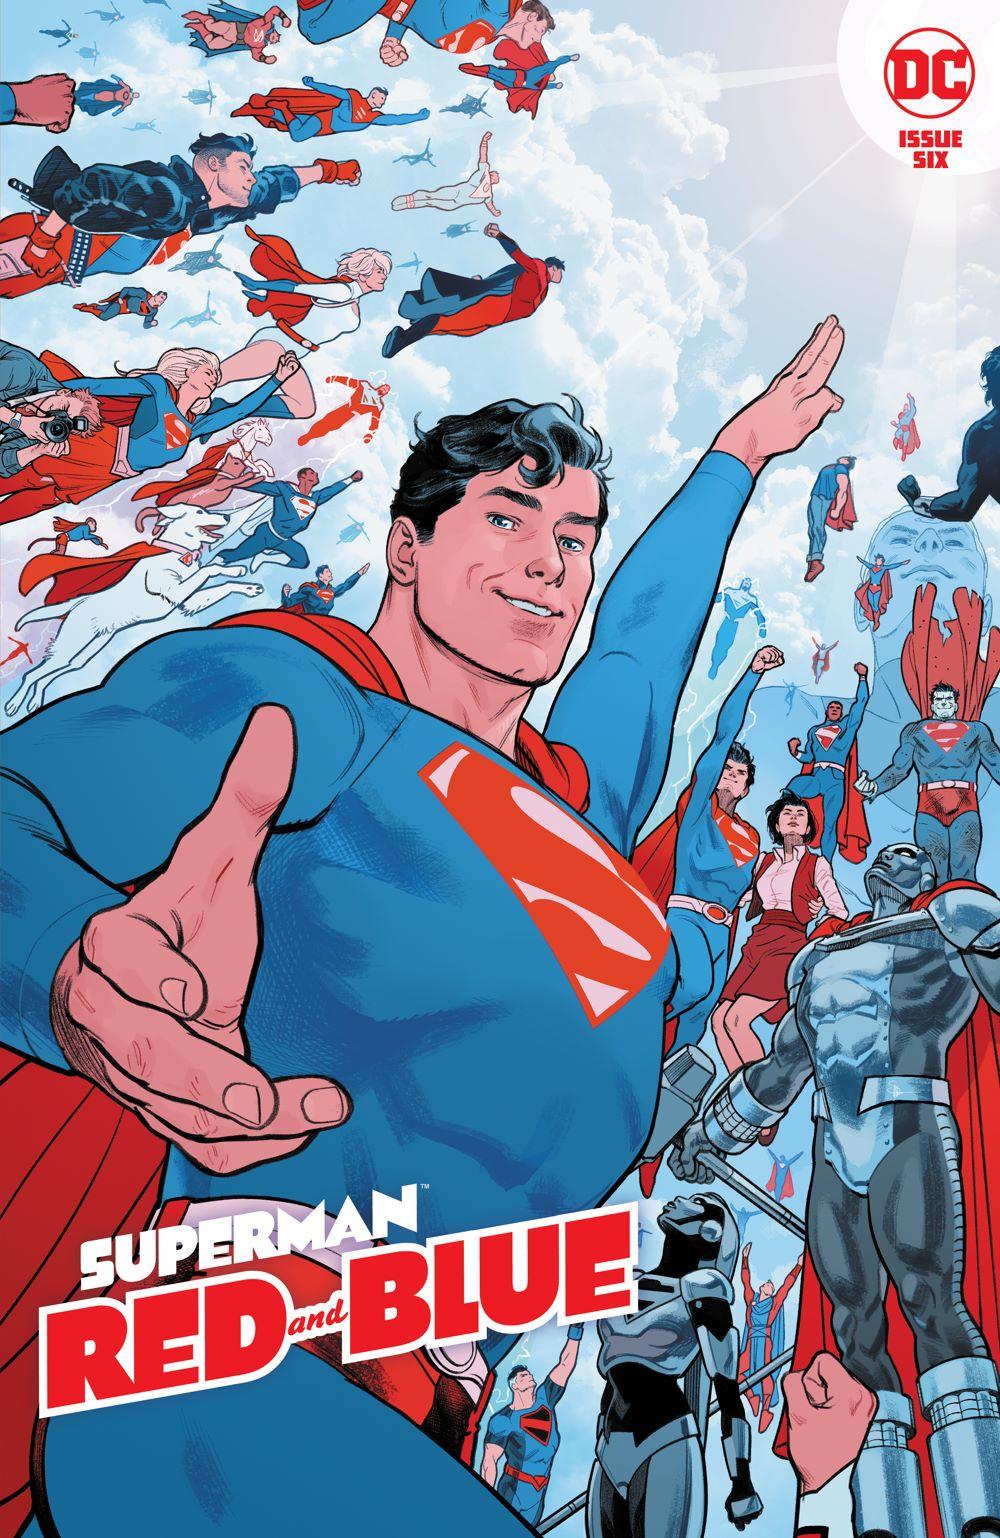 SM_RandB_Cv6 DC Comics August 2021 Solicitations